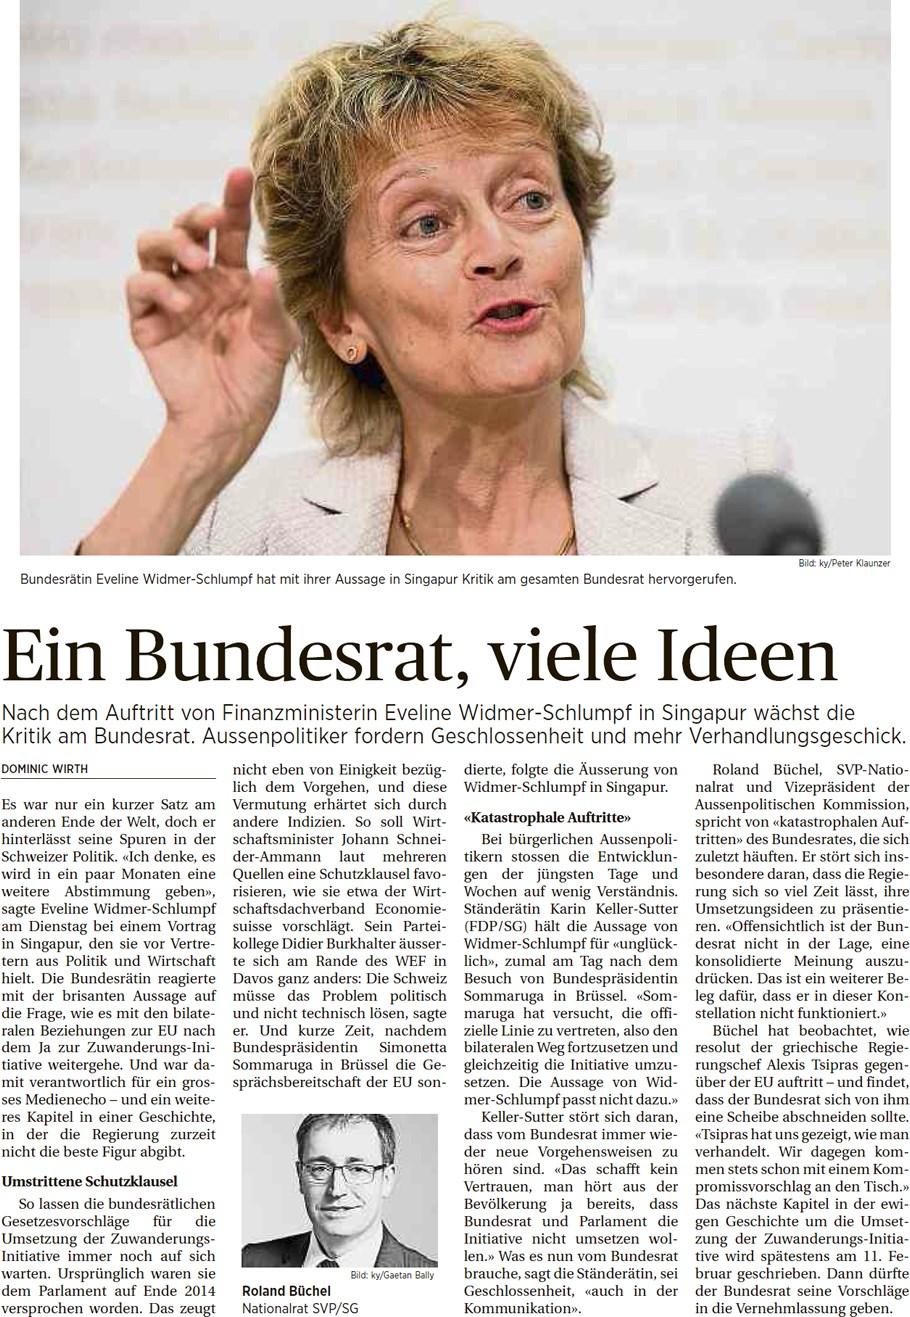 St. Galler Tagblatt: Ein Bundesrat, viele Ideen